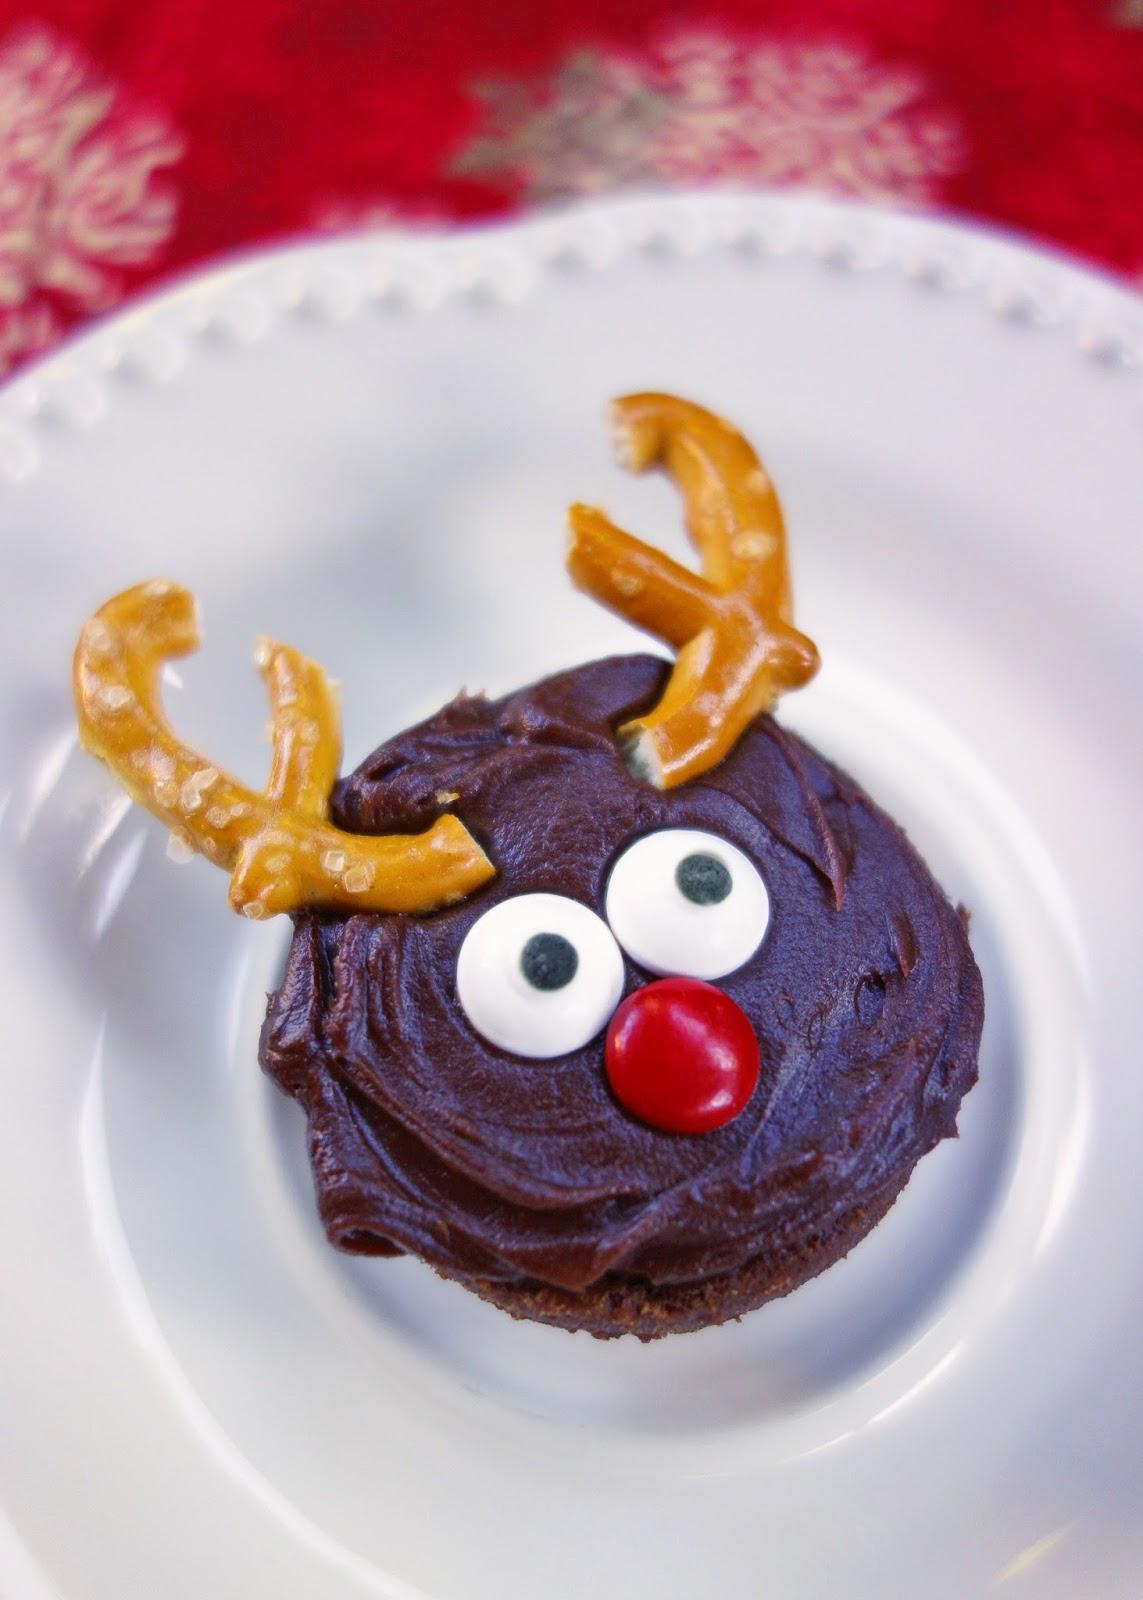 Reindeer brownie bites no bake plain chicken reindeer brownie bites no bake forumfinder Choice Image